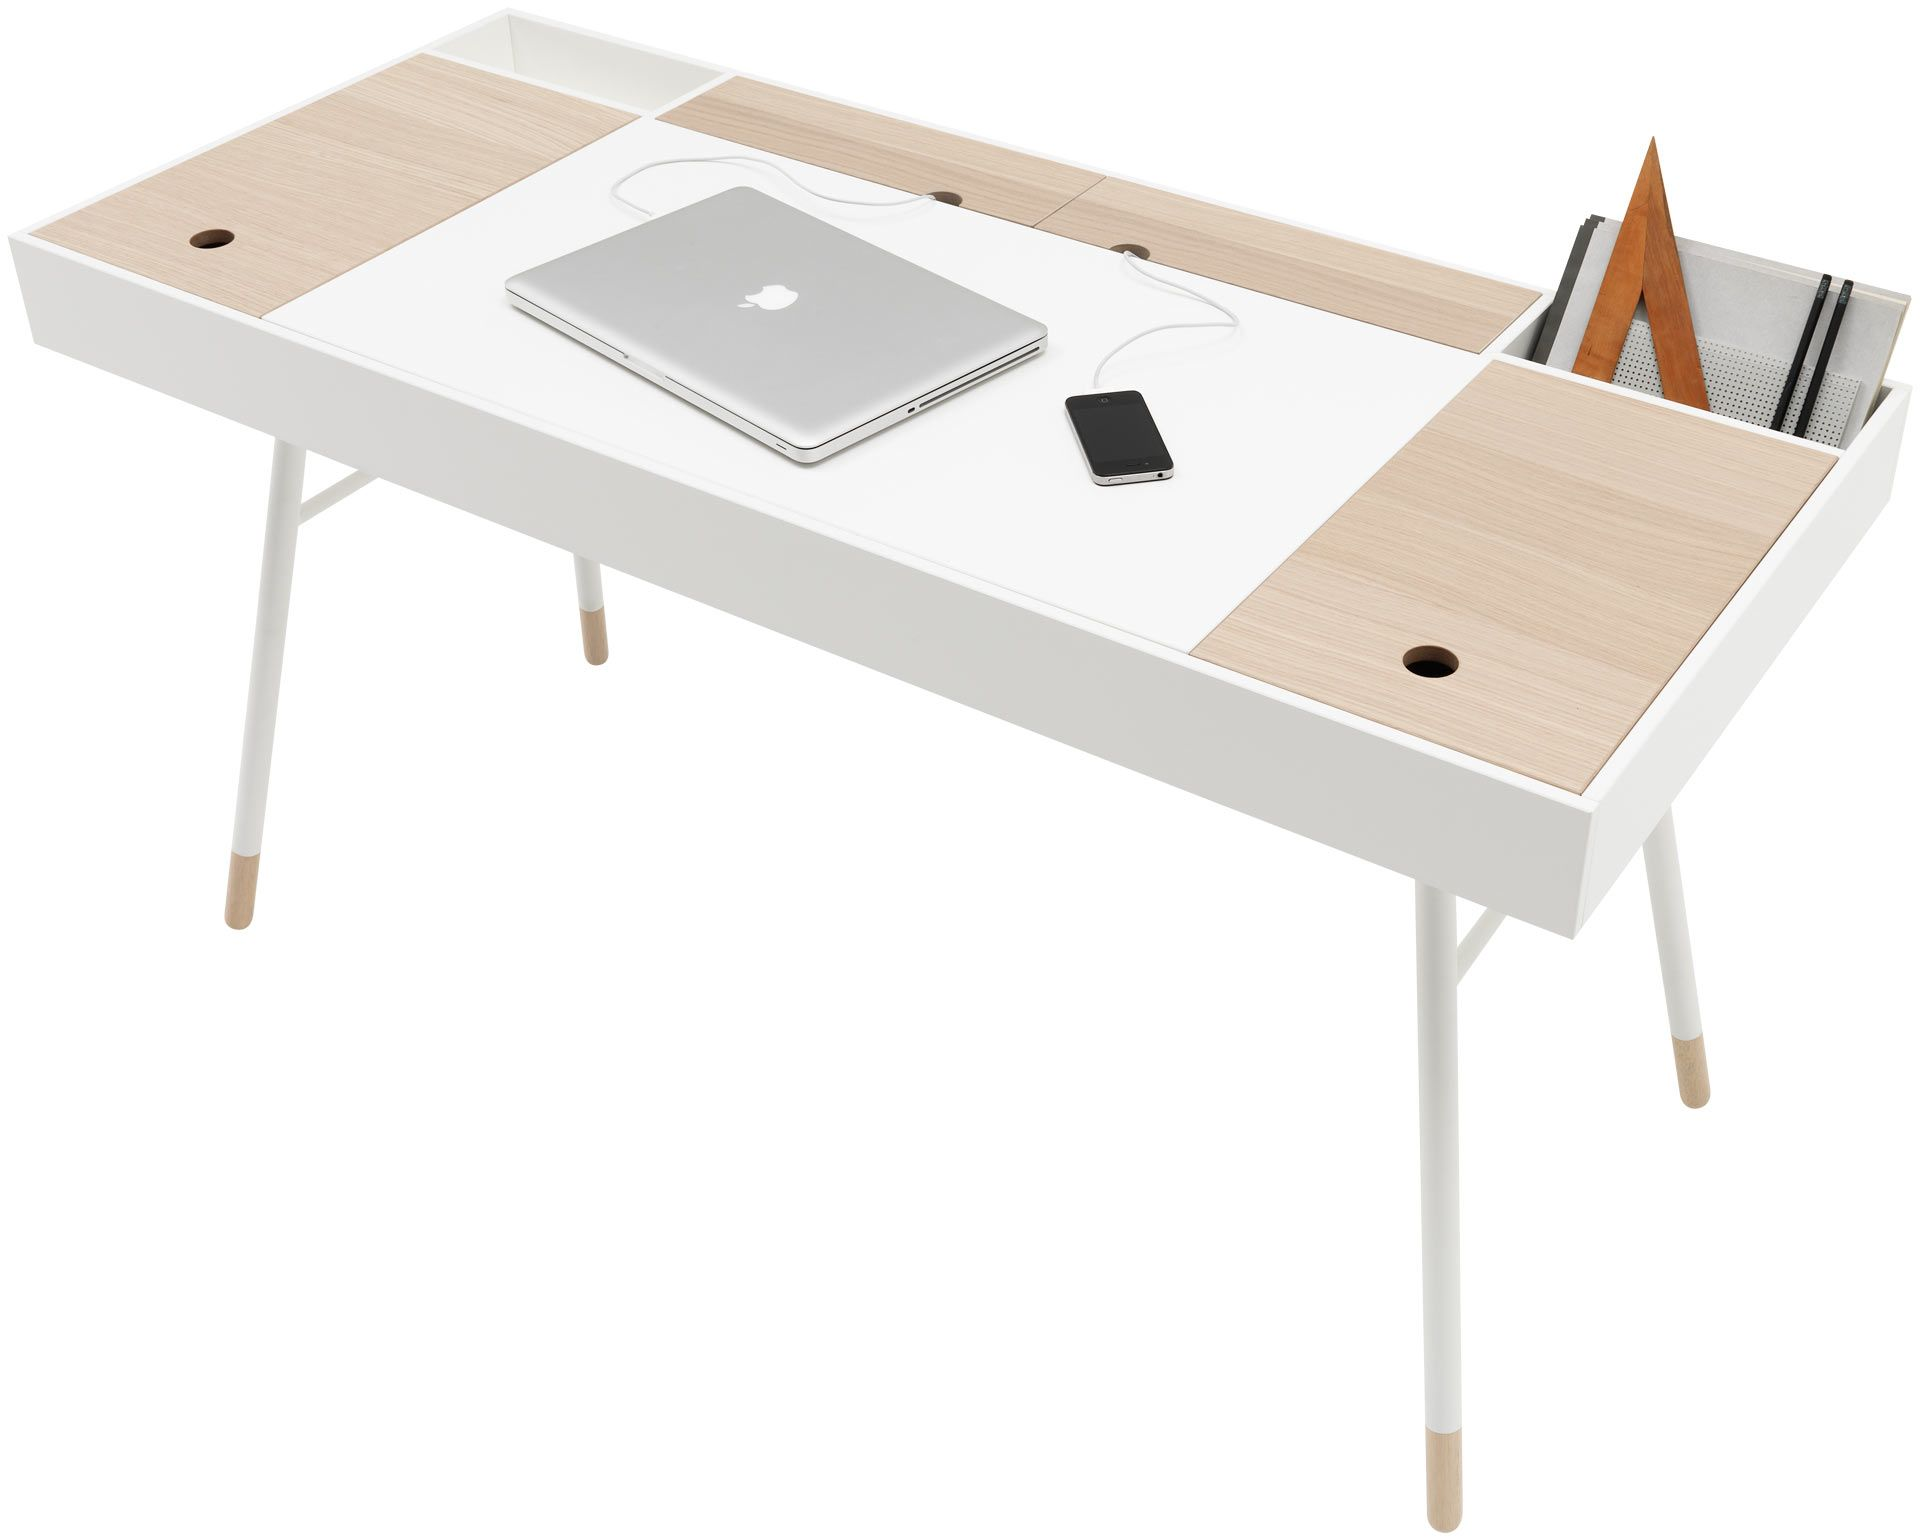 Designer Schreibtische In Weiss, Schwarz U0026 Eiche Furnier   Qualität Von  BoConcept®